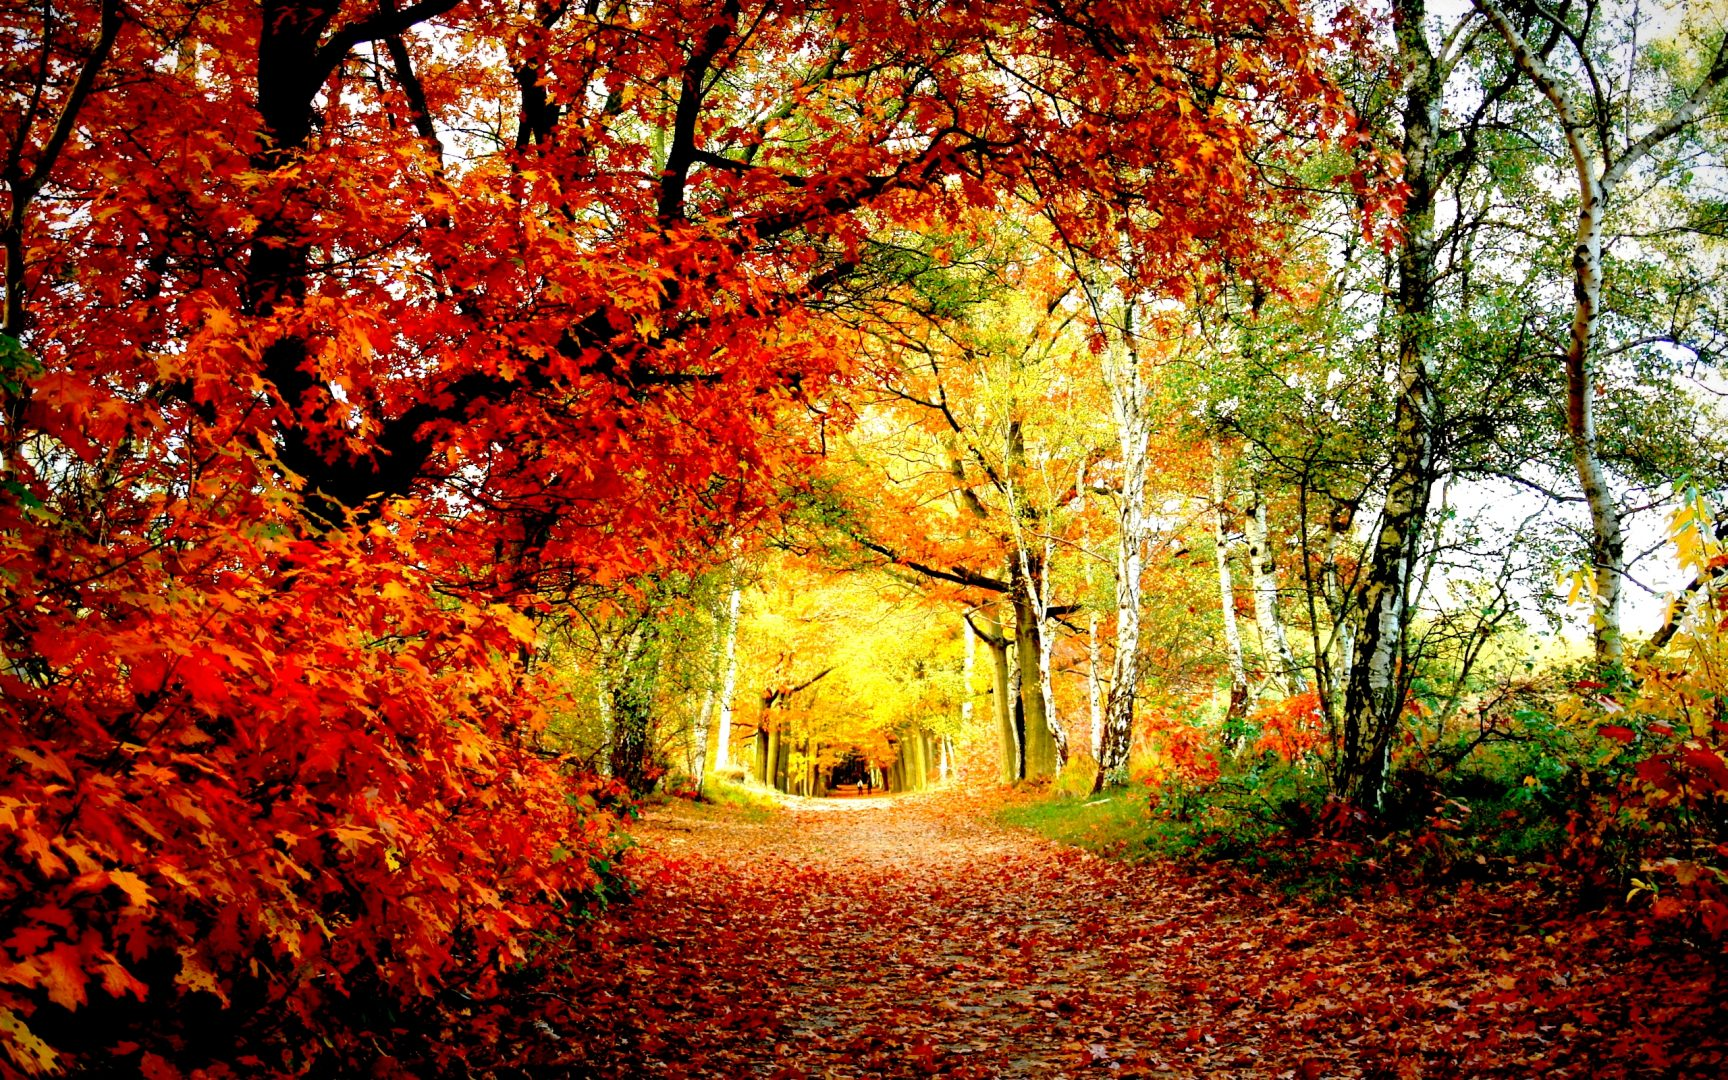 Conheça 10 incríveis e apaixonantes túneis de árvores